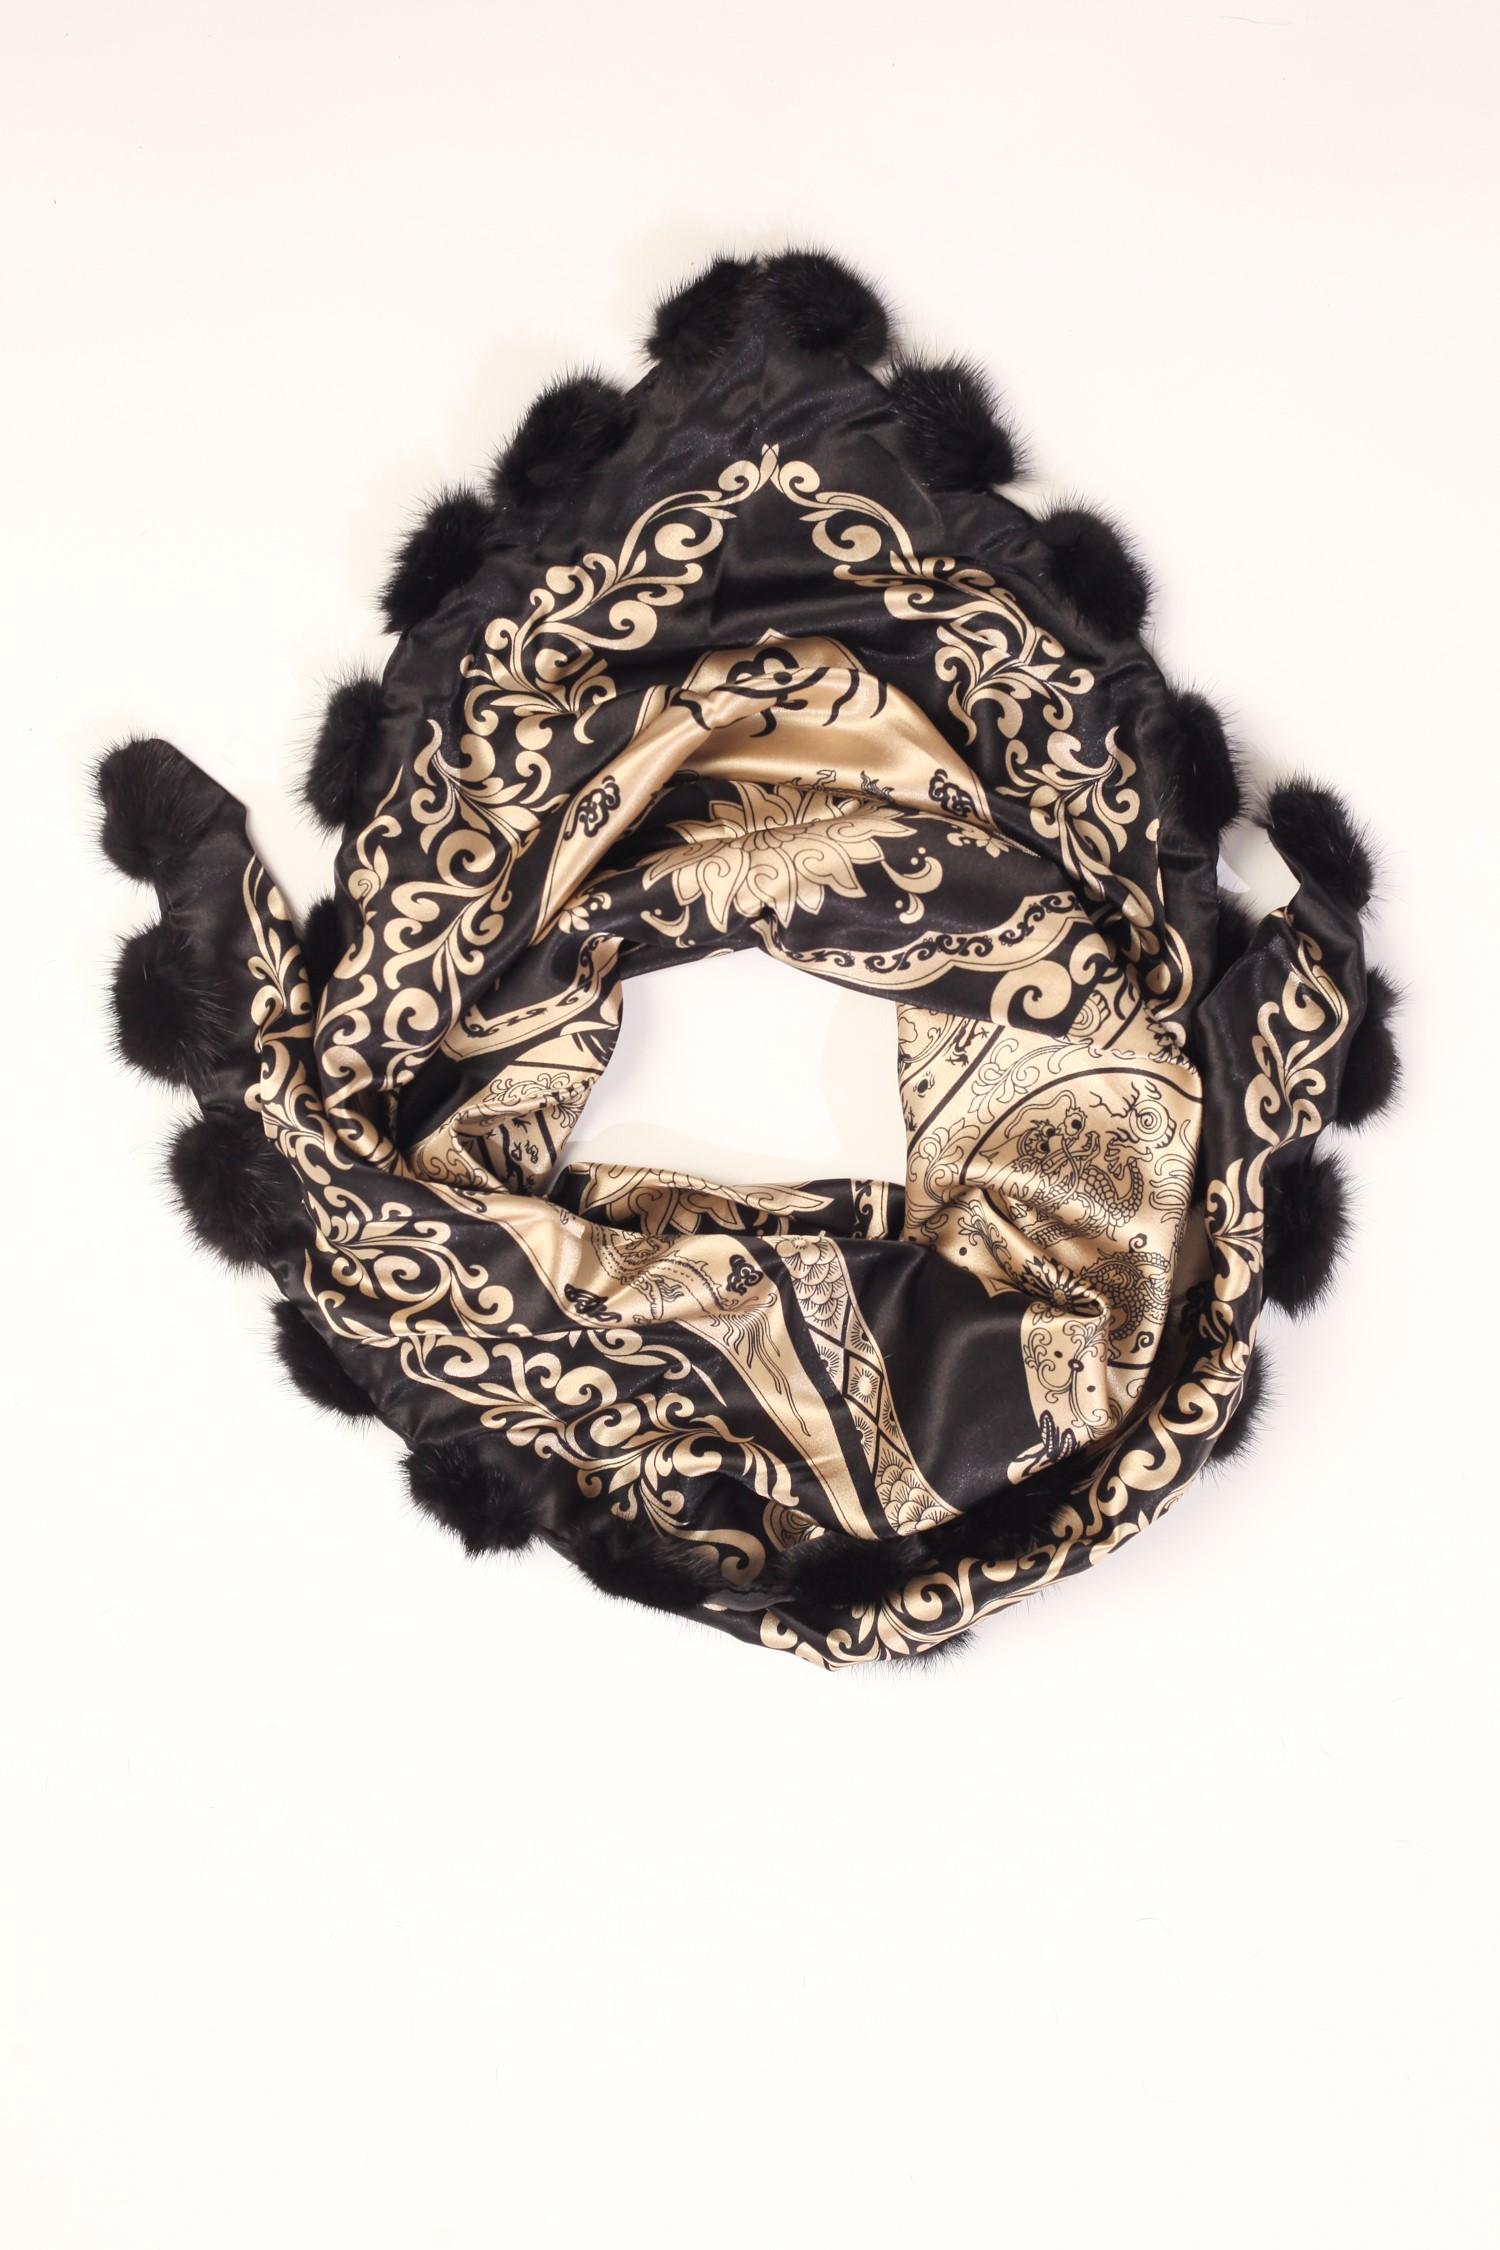 Шарф из сатина, отделка норка<br><br>Материал: Текстиль<br>Цвет: бежевый<br>Пол: Женский<br>Размер RU: 56